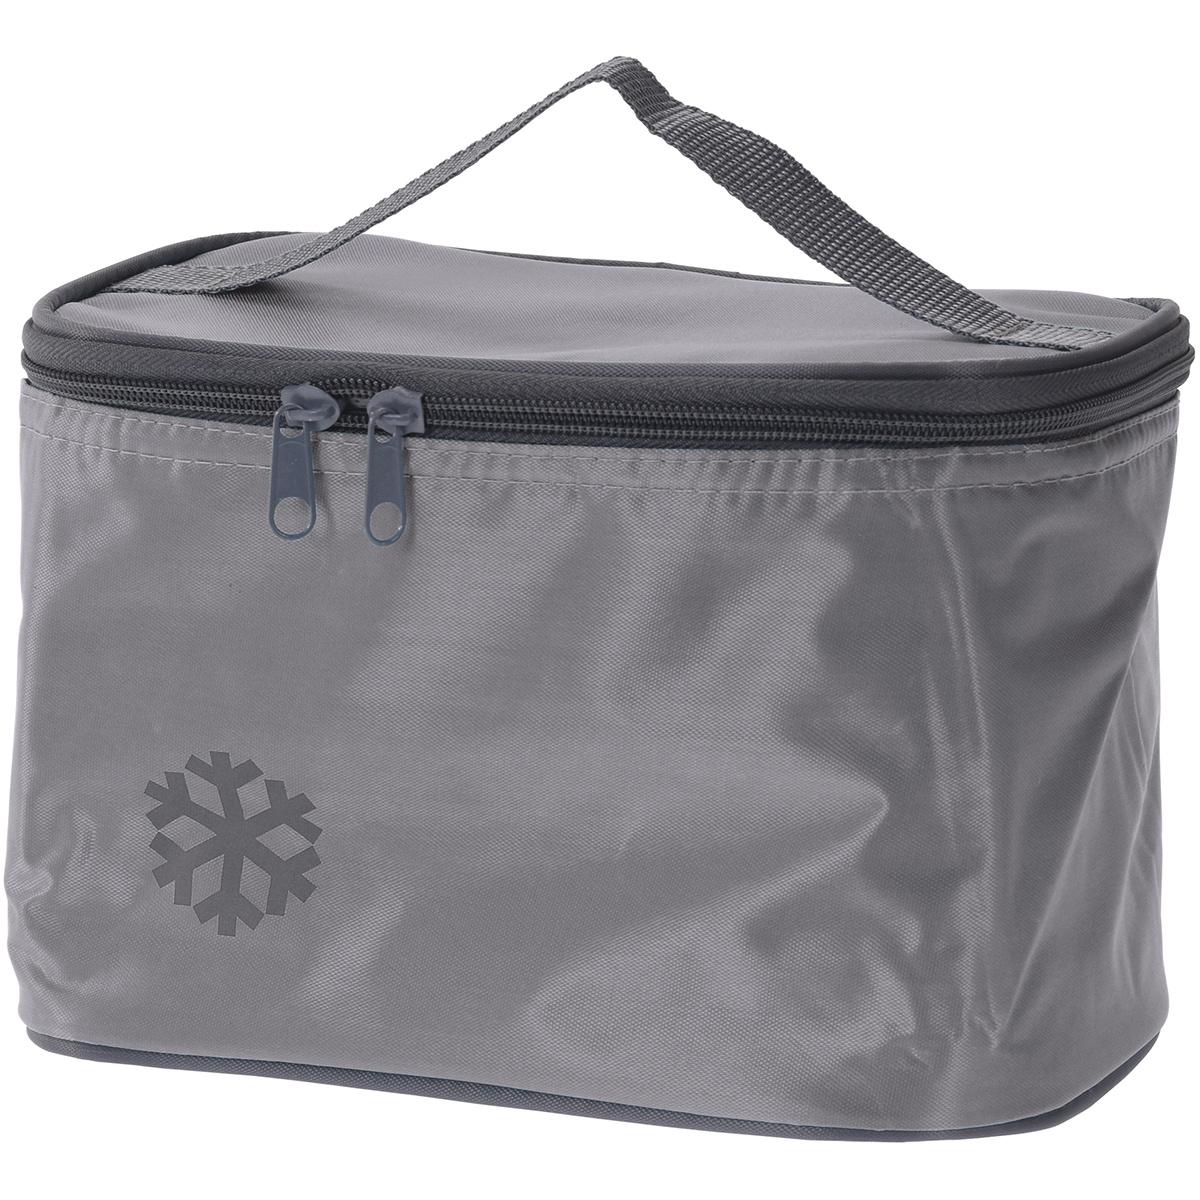 Koopman Chladicí taška Freeze, šedá